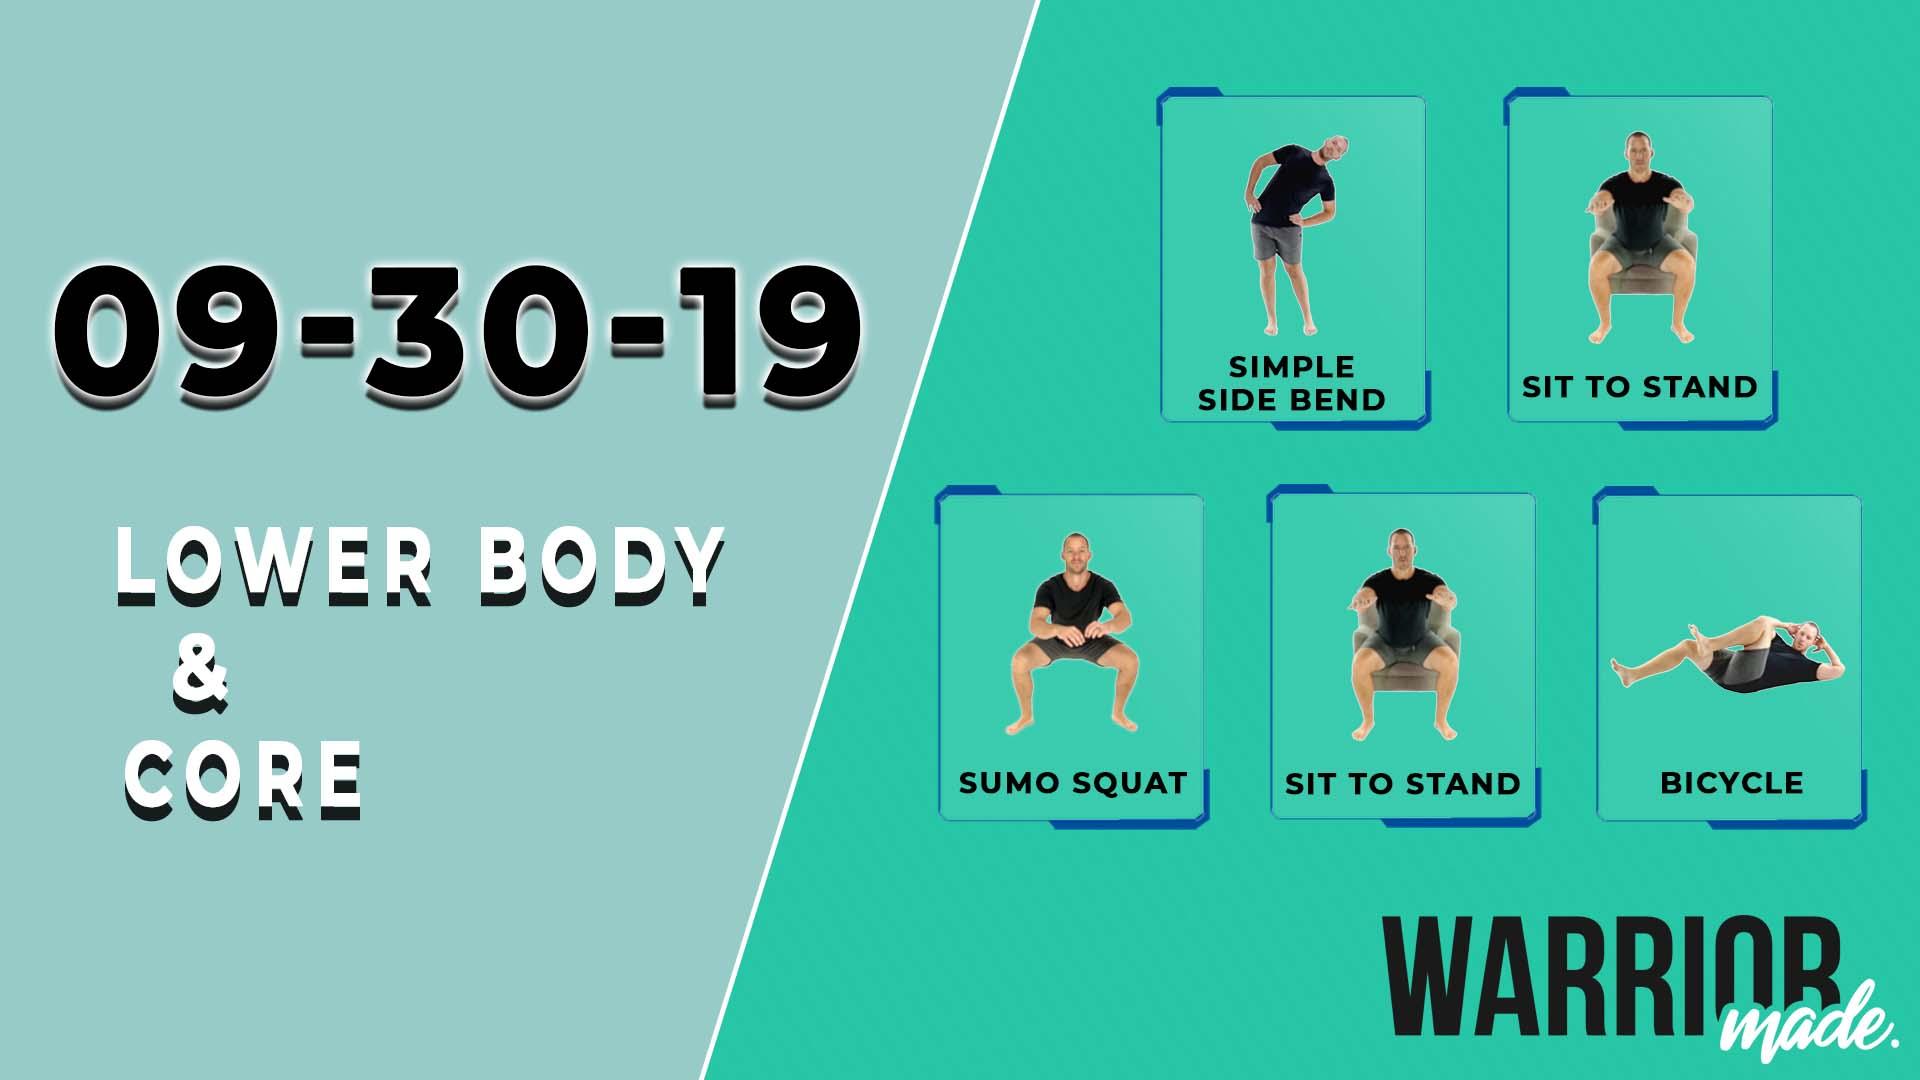 workouts-09-30-19